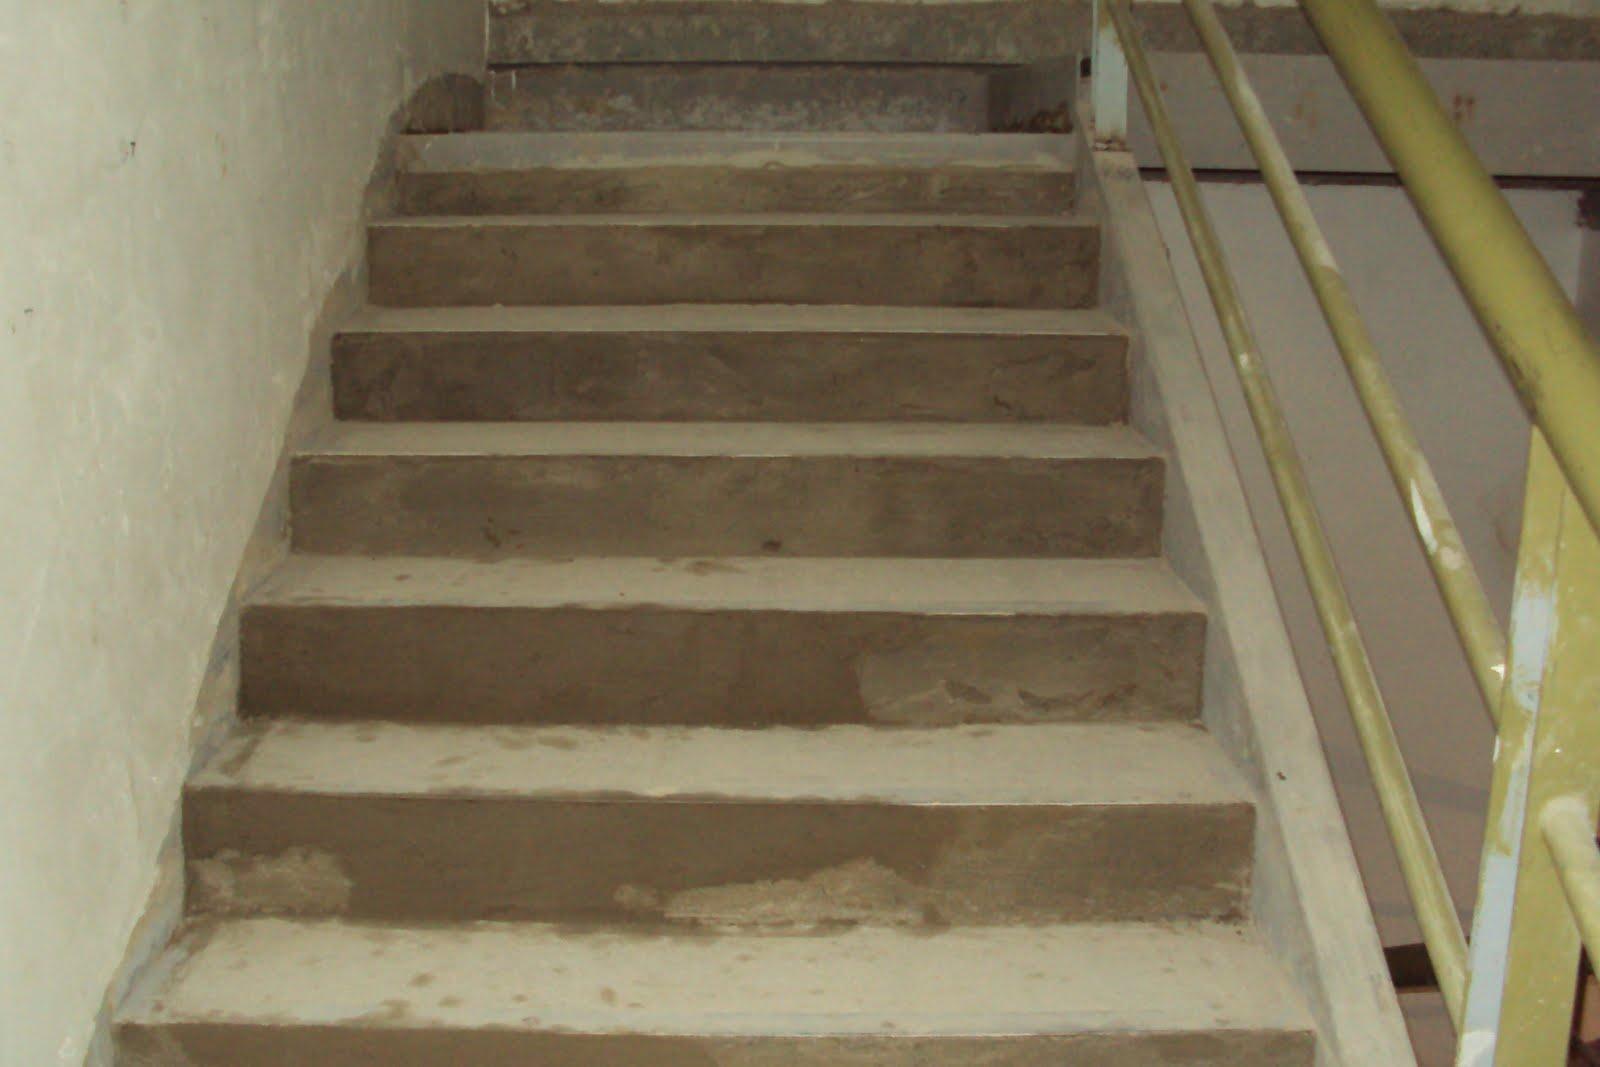 Concreto en escalera piso 1 y 2 pre lobby 25 06 2010 for Escalones de cemento para escaleras